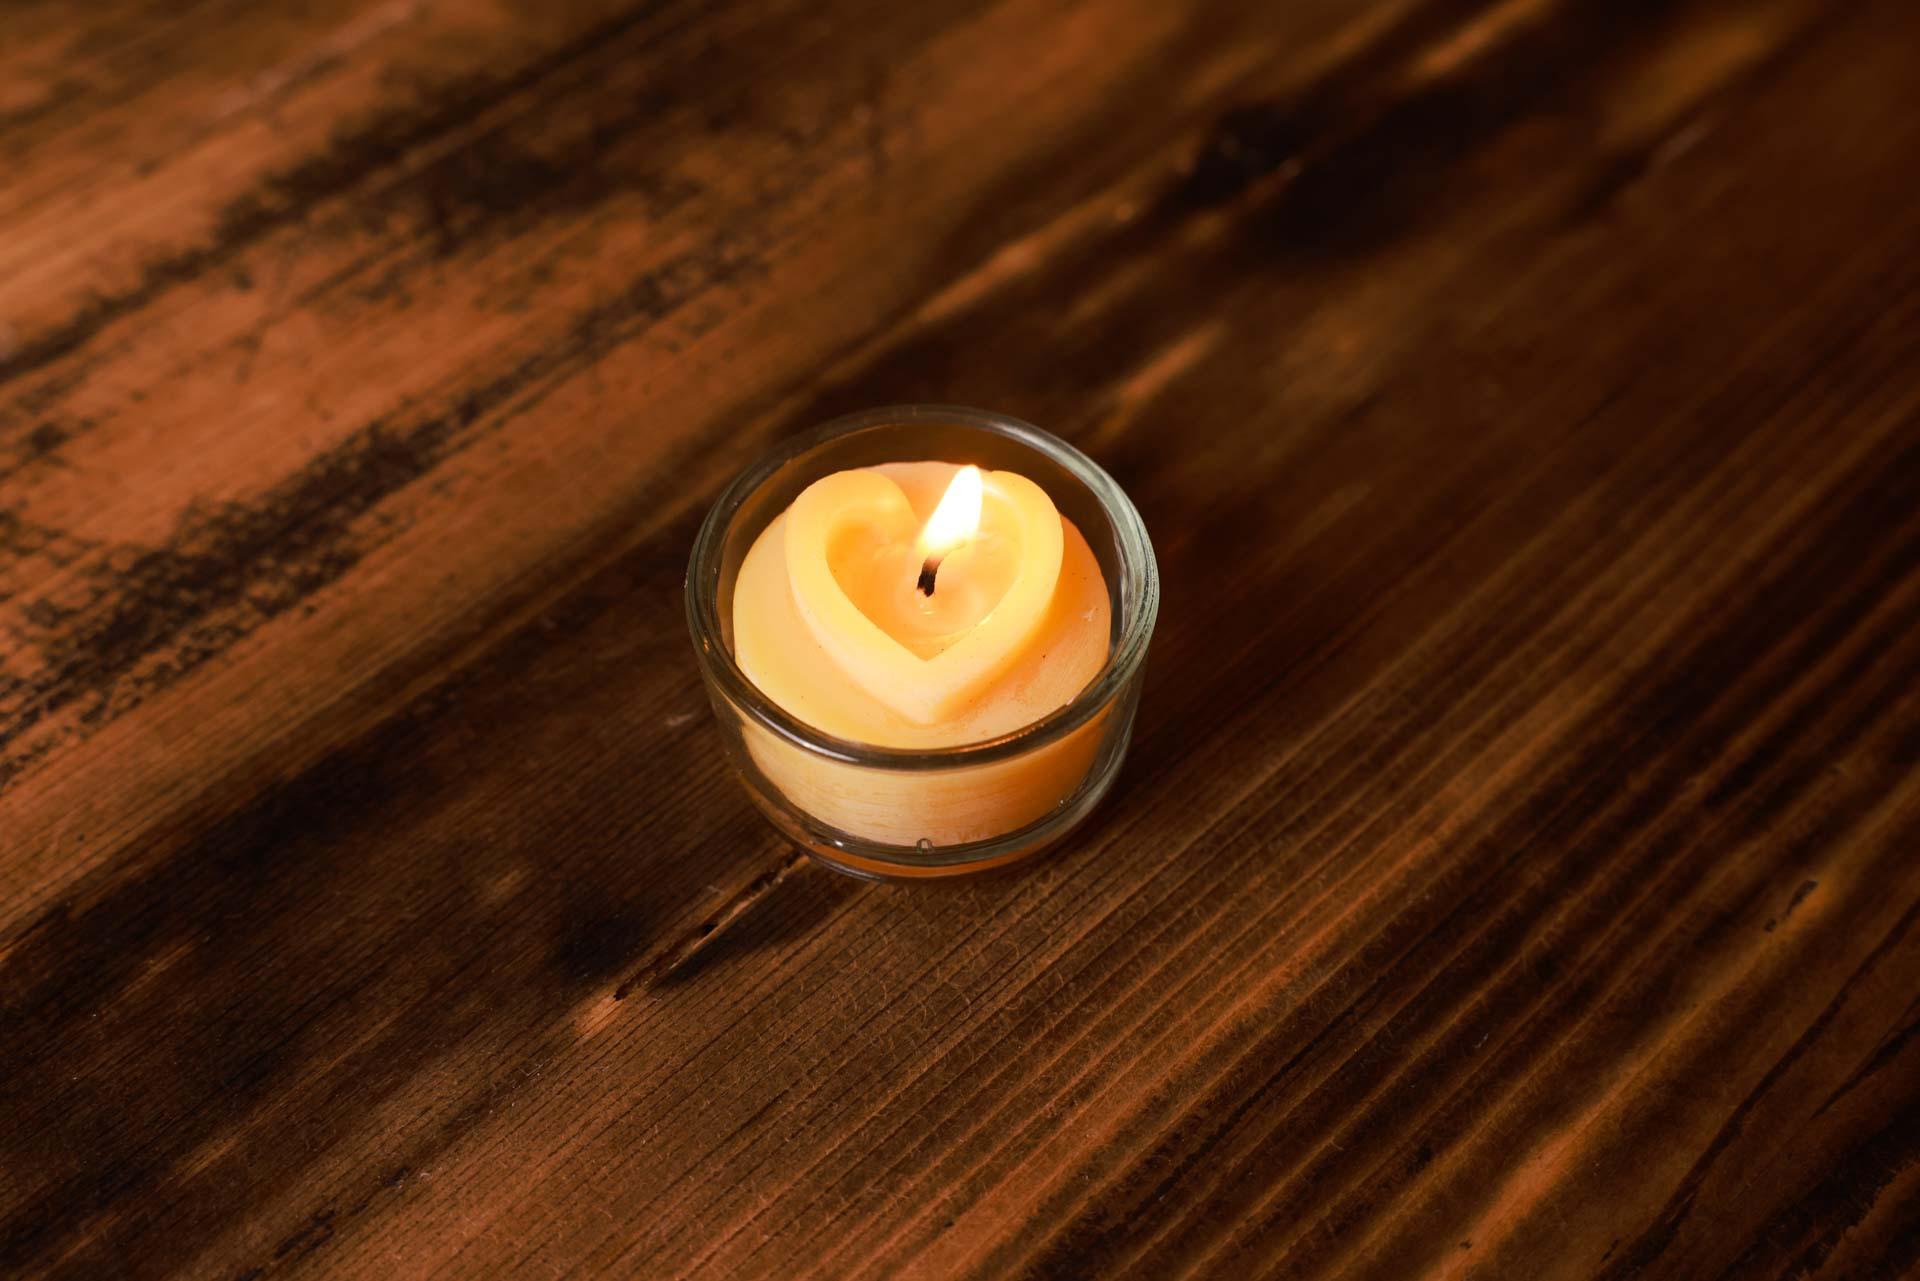 Teelichtset Herzkontur 5 Stk inkl. 5 Glasbehälter